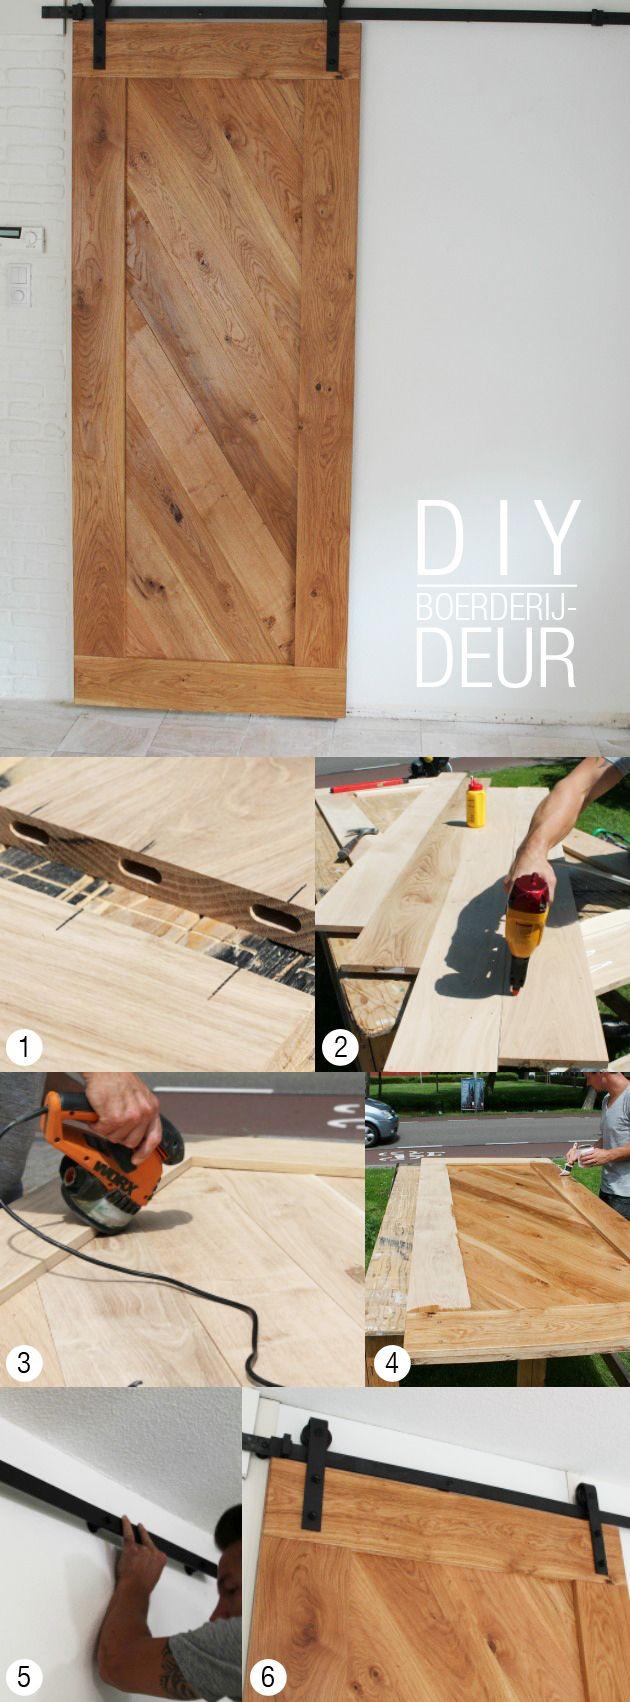 DIY: Boerderijdeur maken - Eigen Huis & Tuin